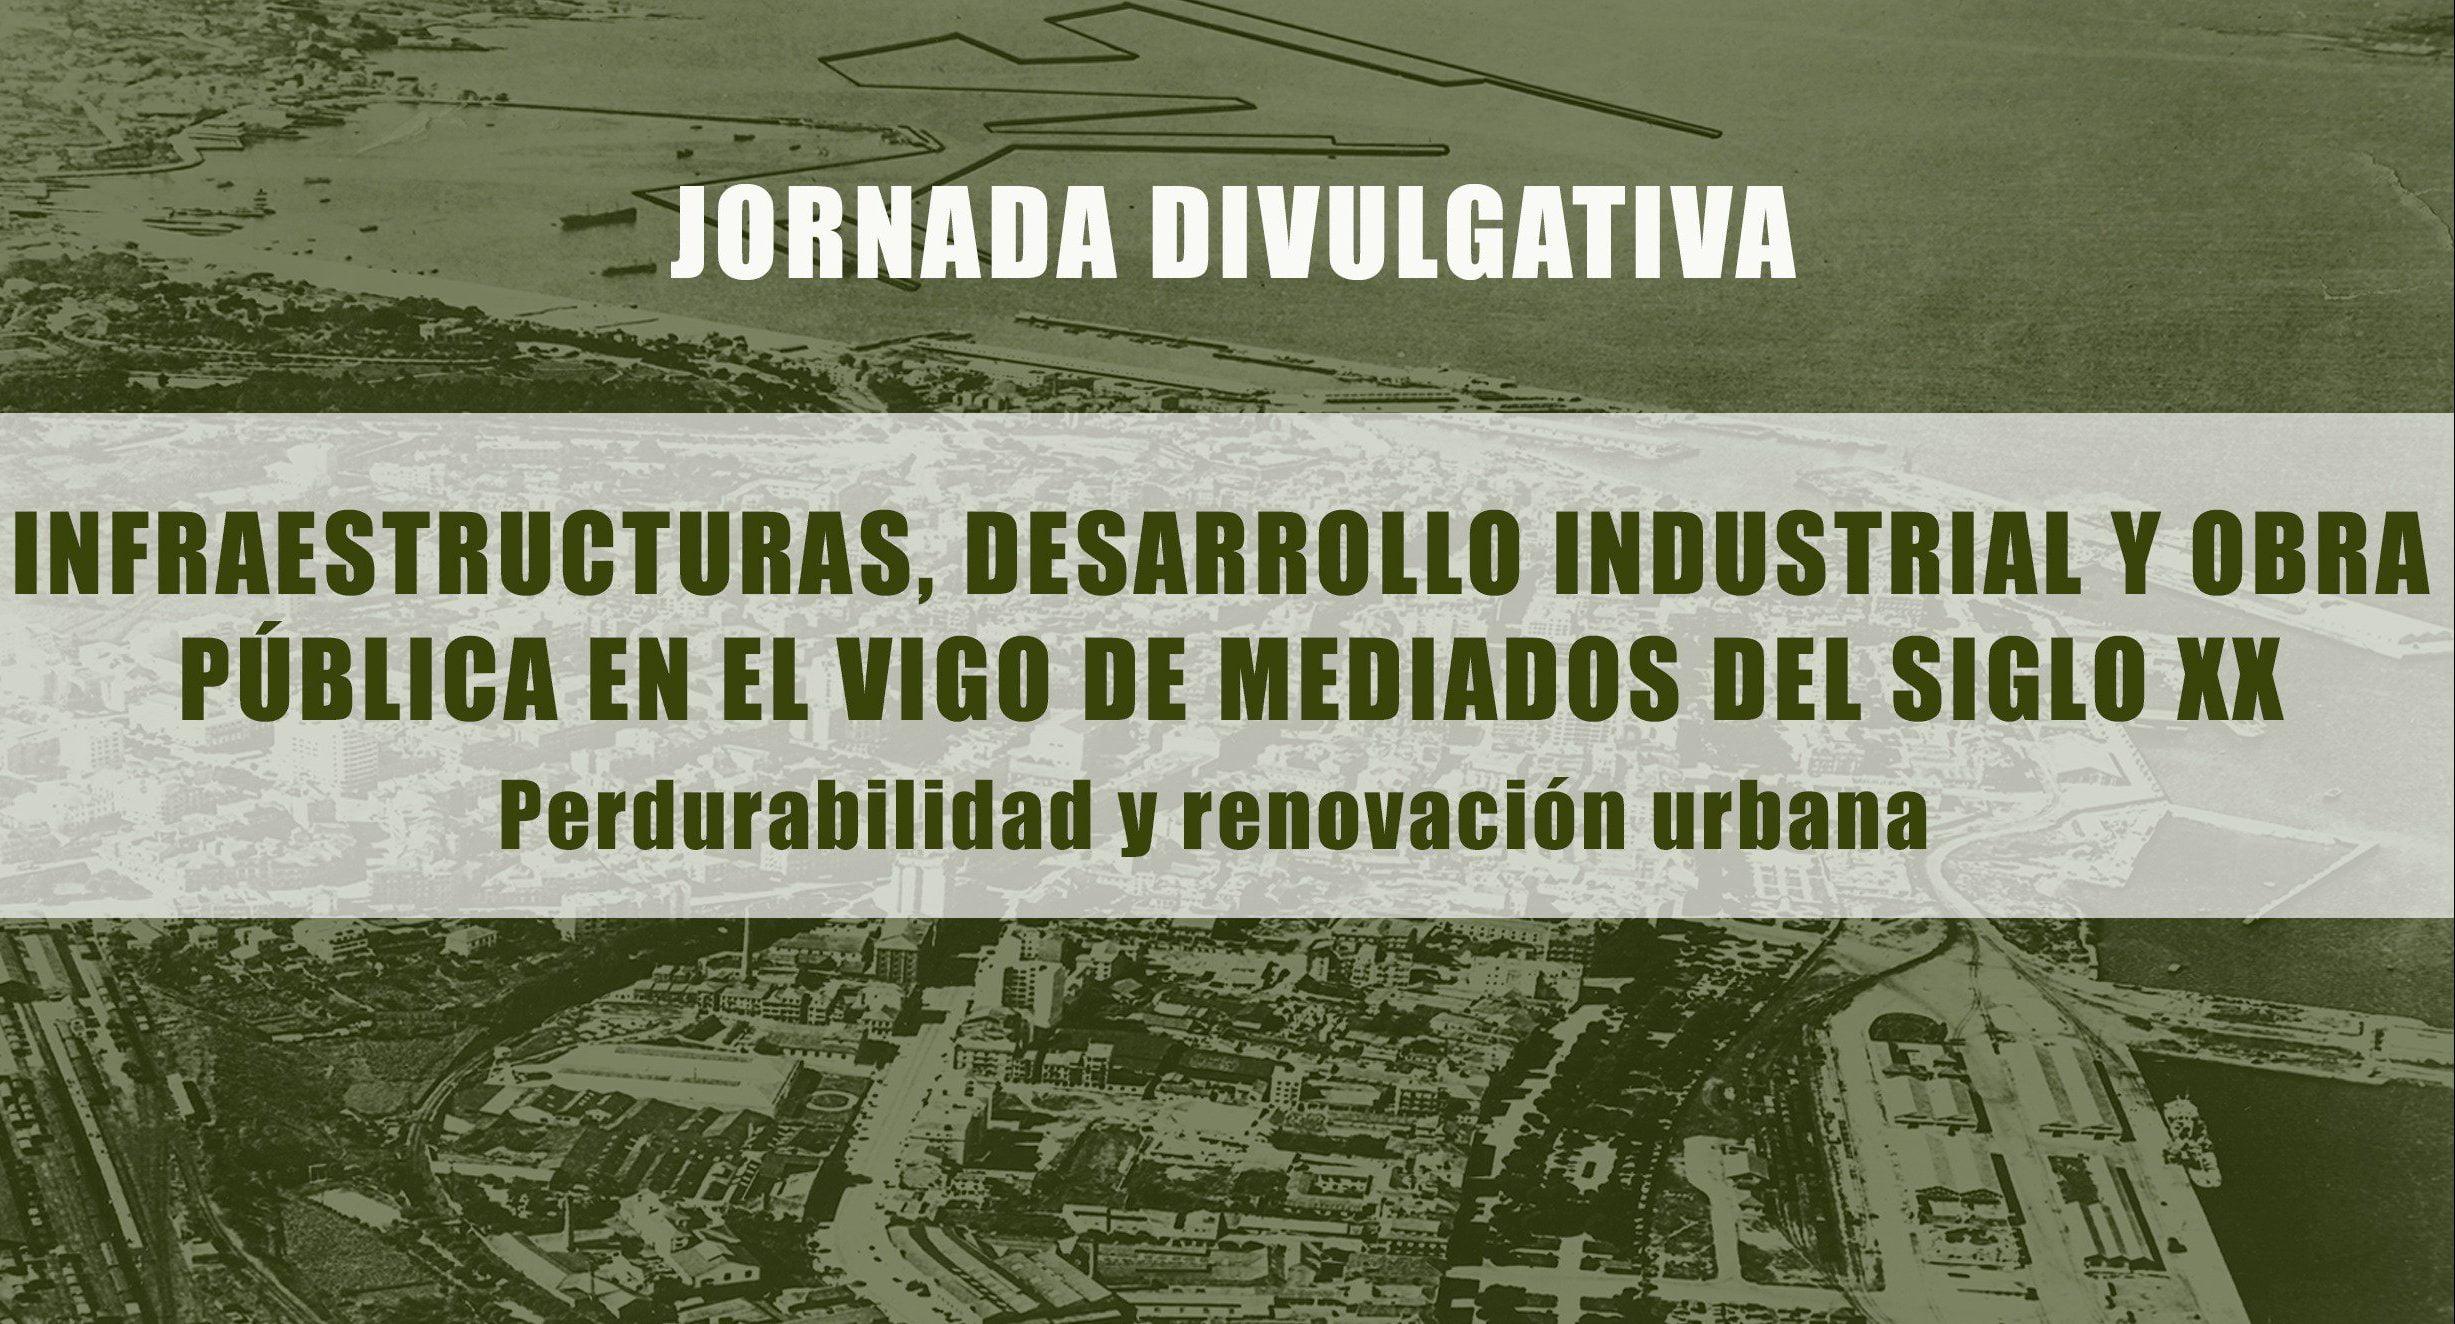 Jornada Divulgativa: Infraestructuras, desarrollo industrial y obra pública en el Vigo de mediados del siglo XX.